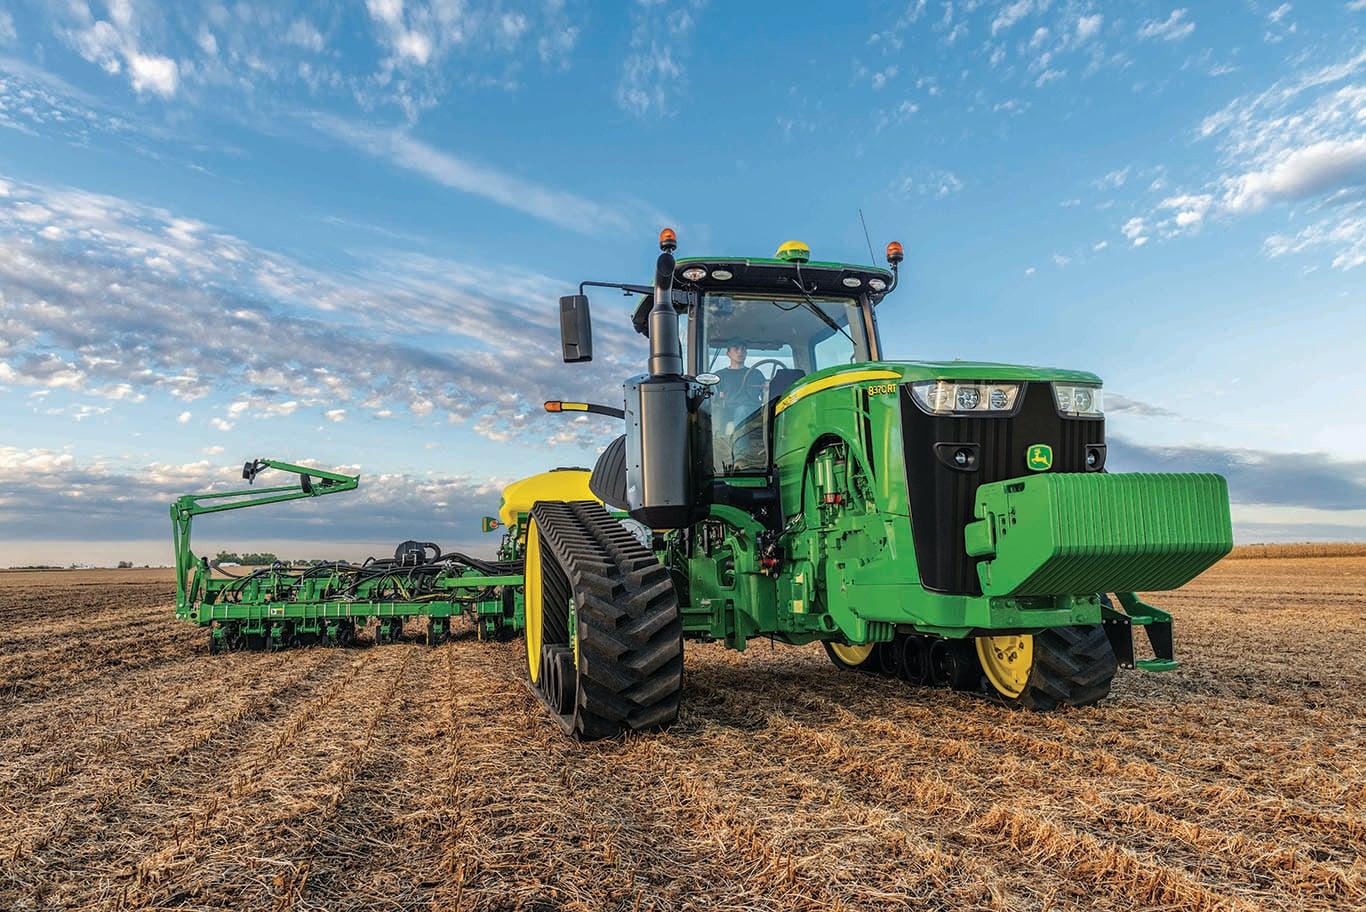 John Deere 8r 8rt Tractors Get Numerous My19 Updates 2020 Wiring Harness